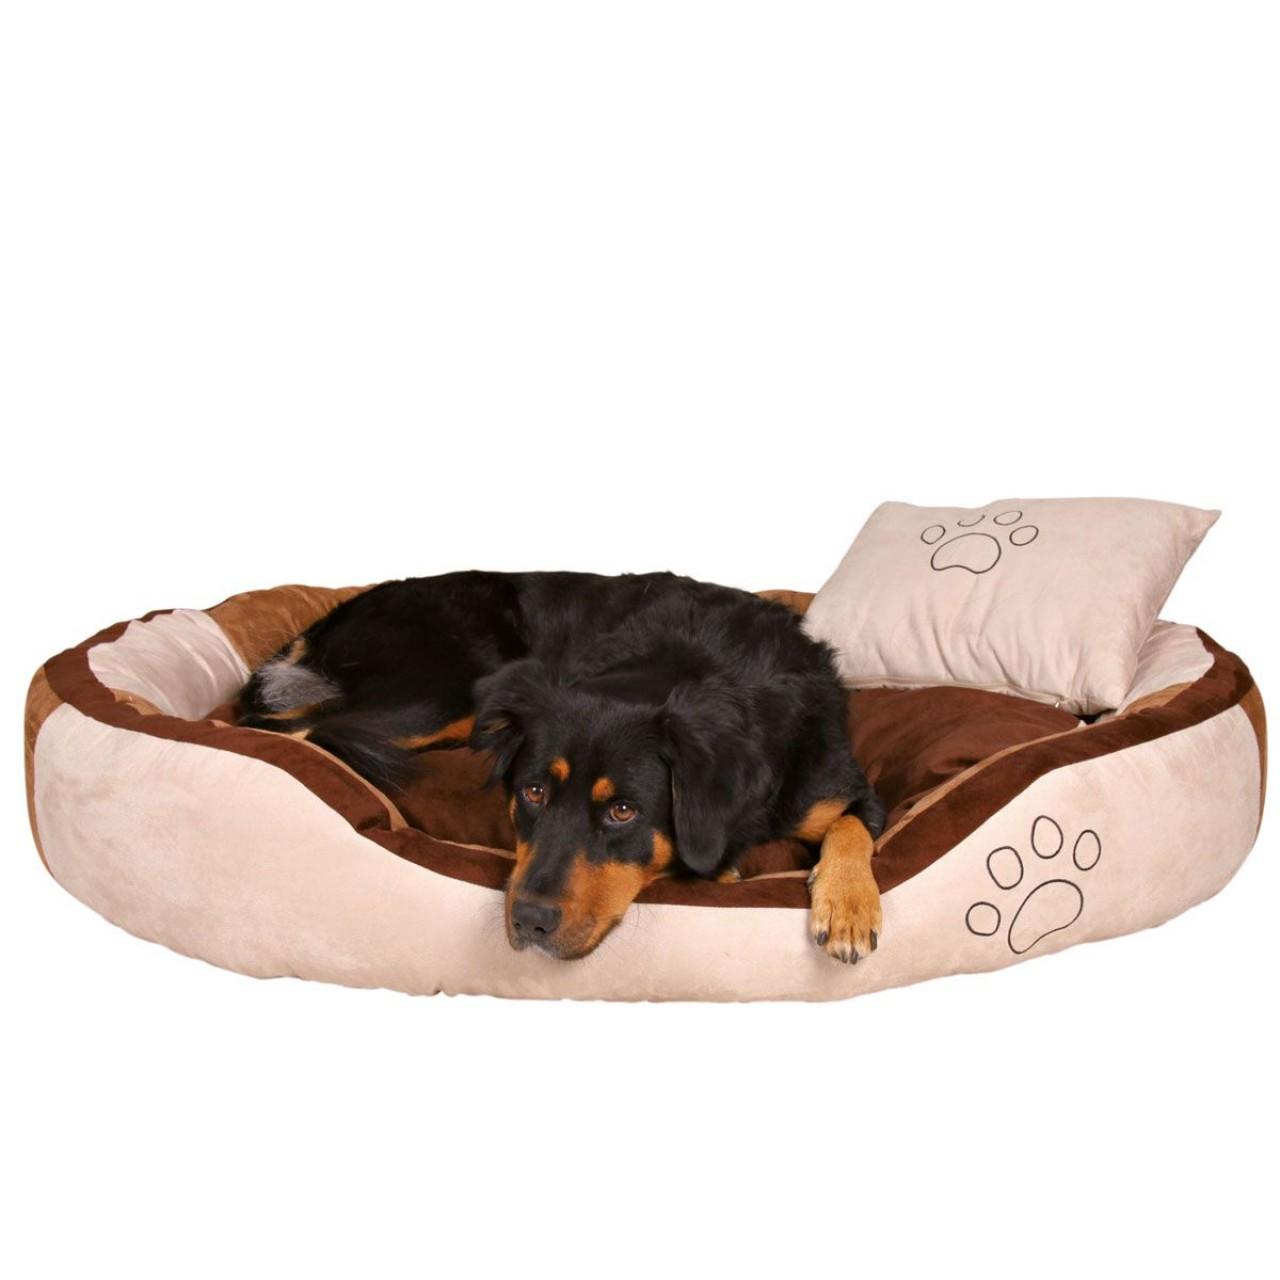 Hundebett Bonzo braun-beige